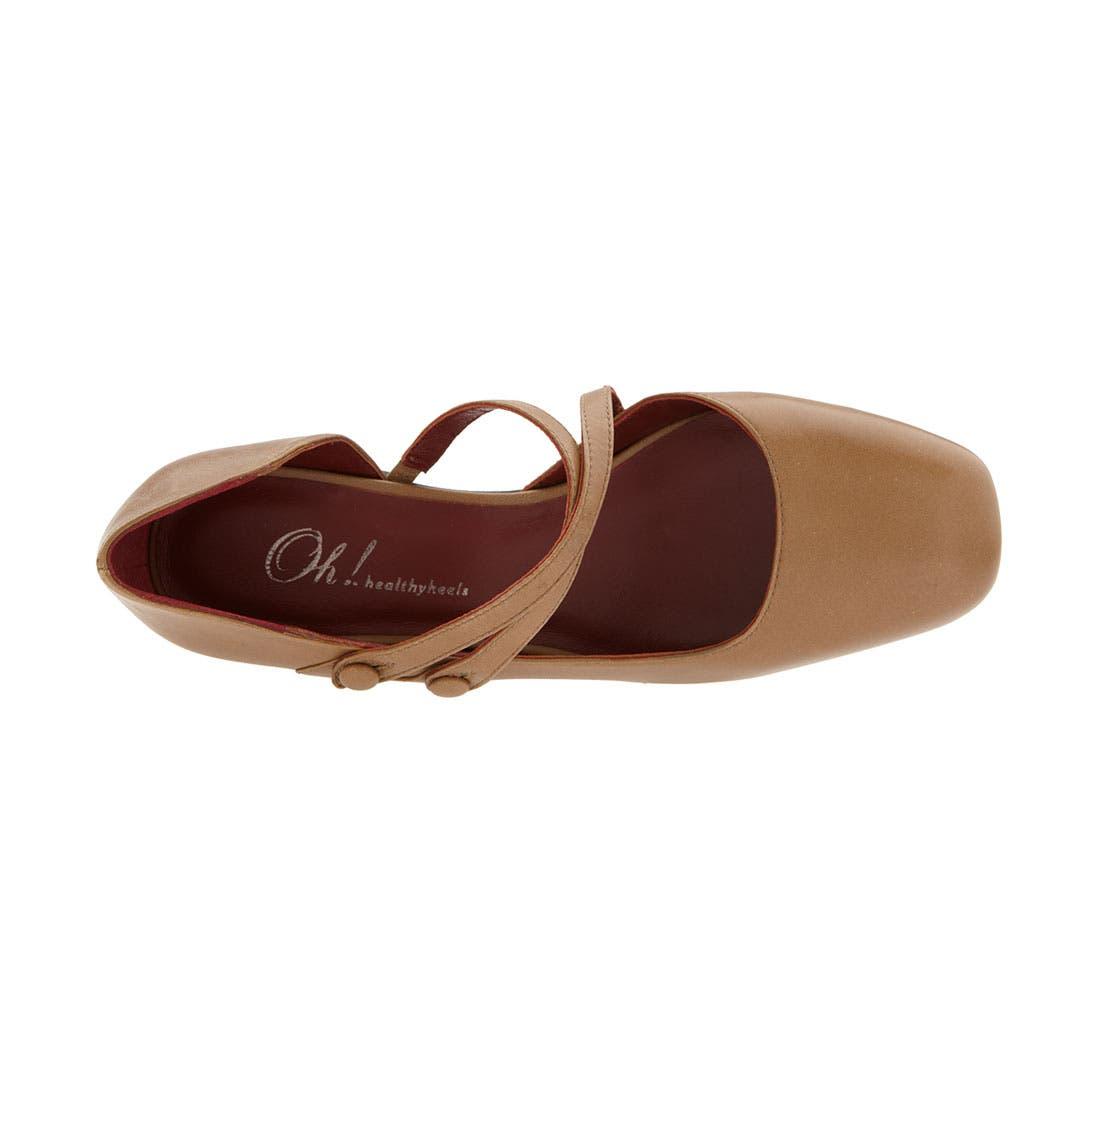 Alternate Image 3  - Oh! Shoes 'Melany' Mary Jane